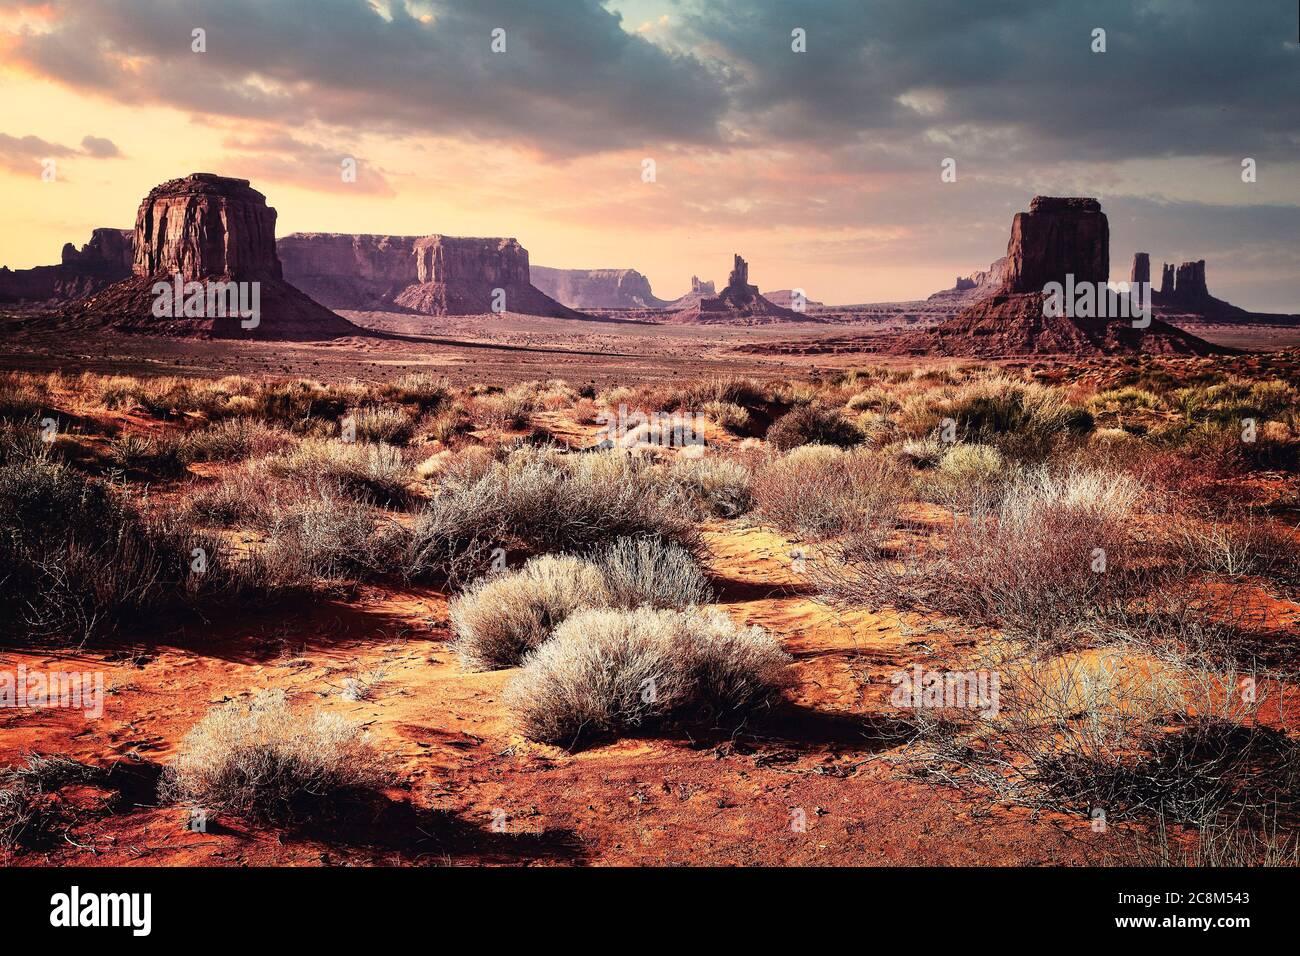 Das Monument Valley, den Teil der Navajo Nation, in der hohen Wüste an der Grenze zu Arizona und Utah. Stockfoto